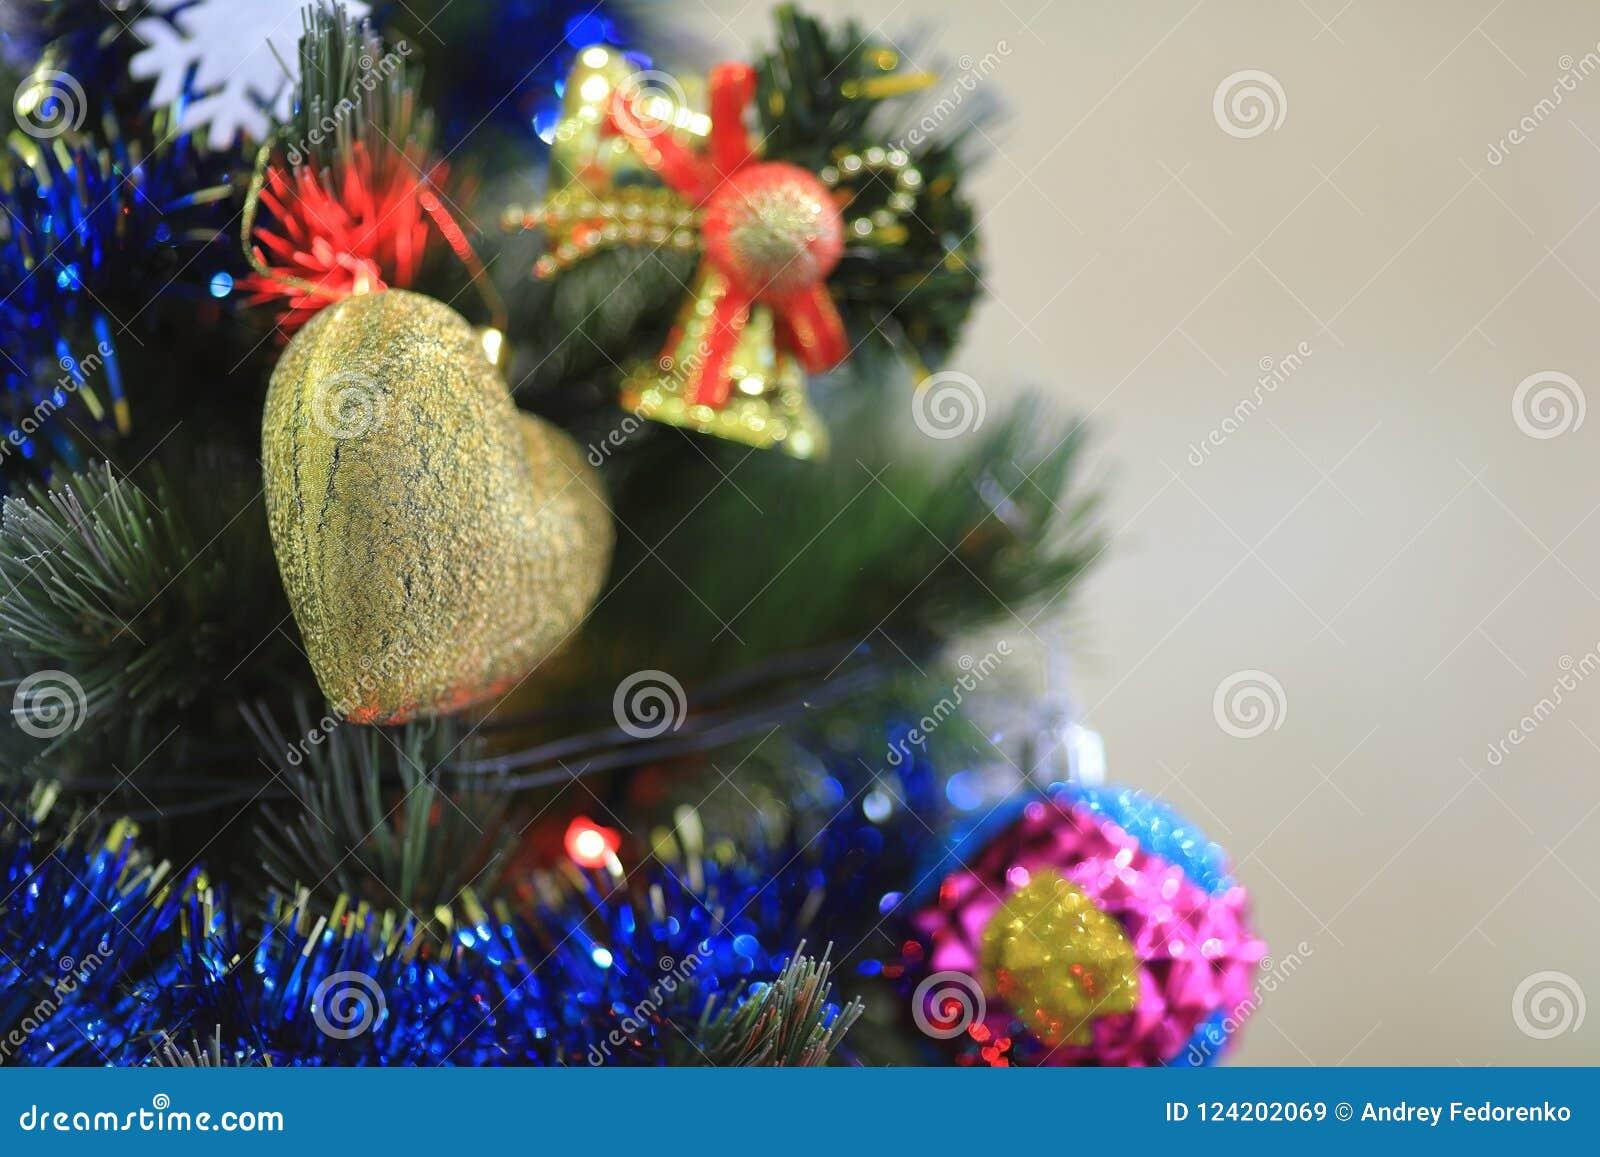 Christmas Tree Decorations Balls Hearts Tinsel Garland Hanging